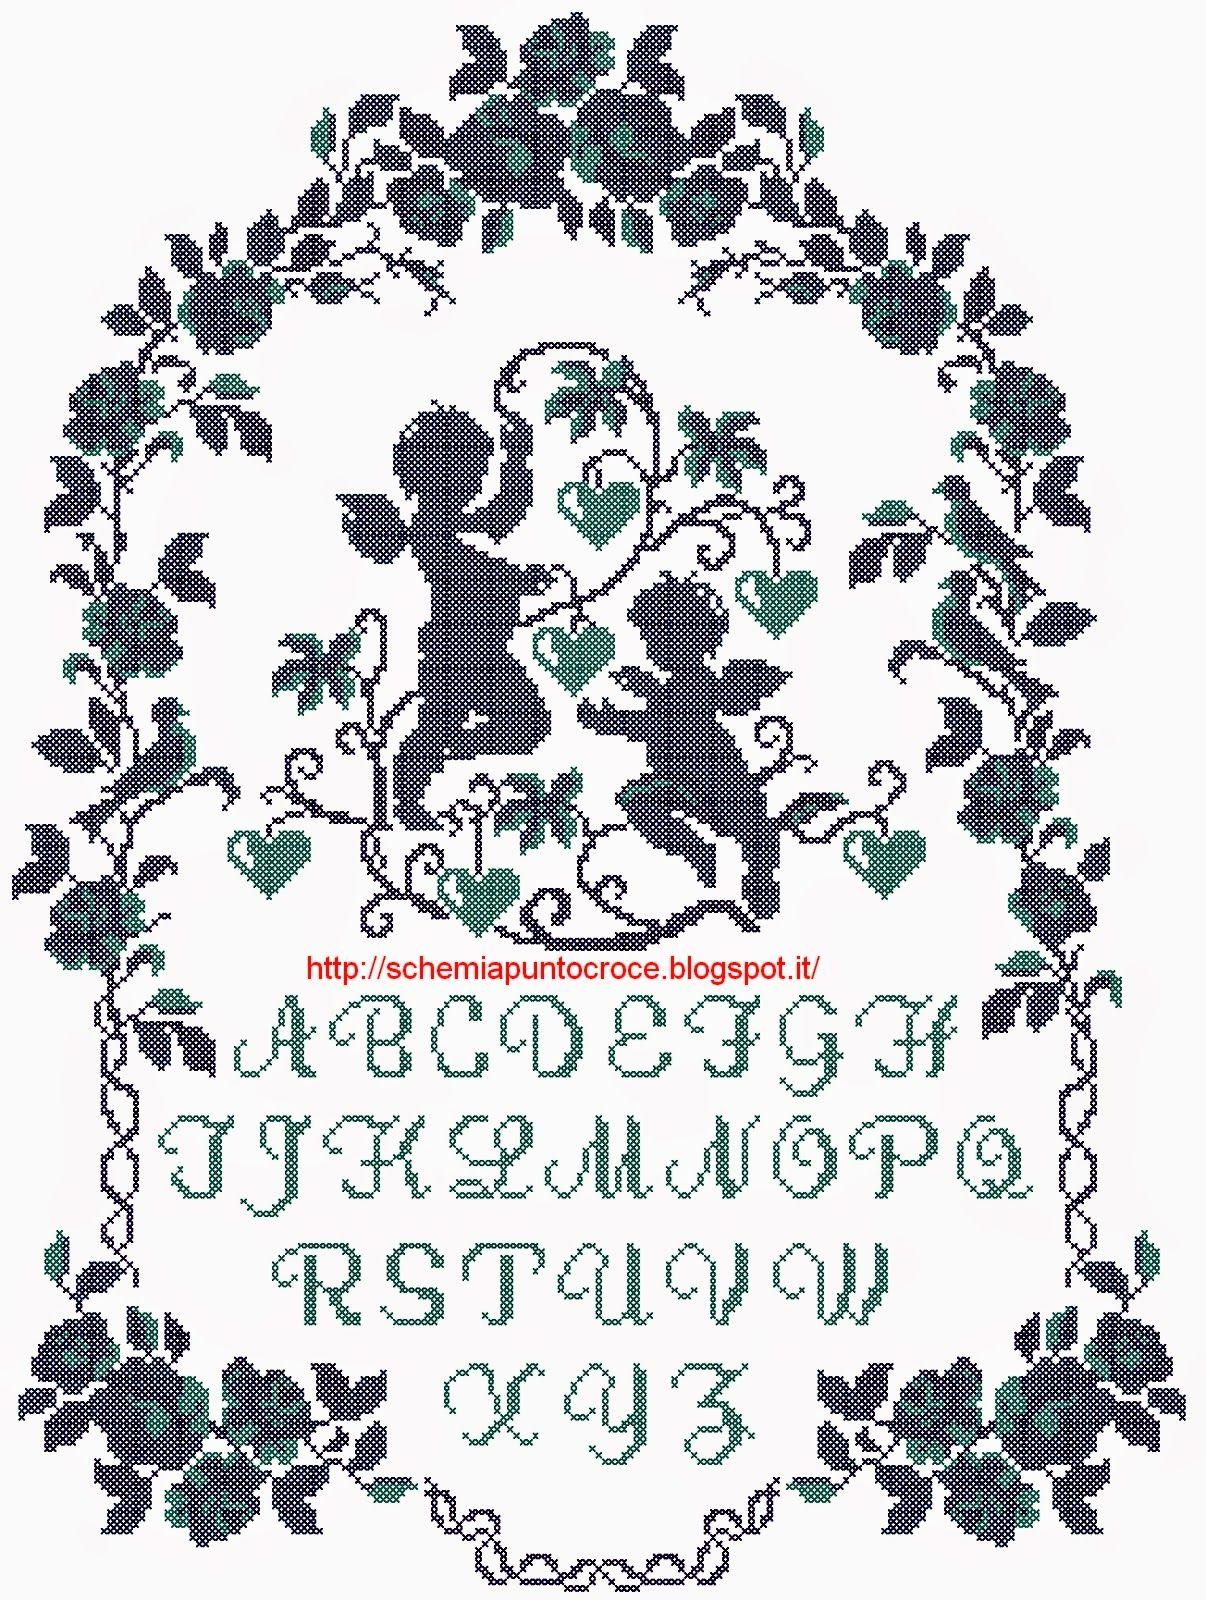 Schemi a punto croce gratuiti per tutti schemi a punto for Alfabeti a punto croce per bambini